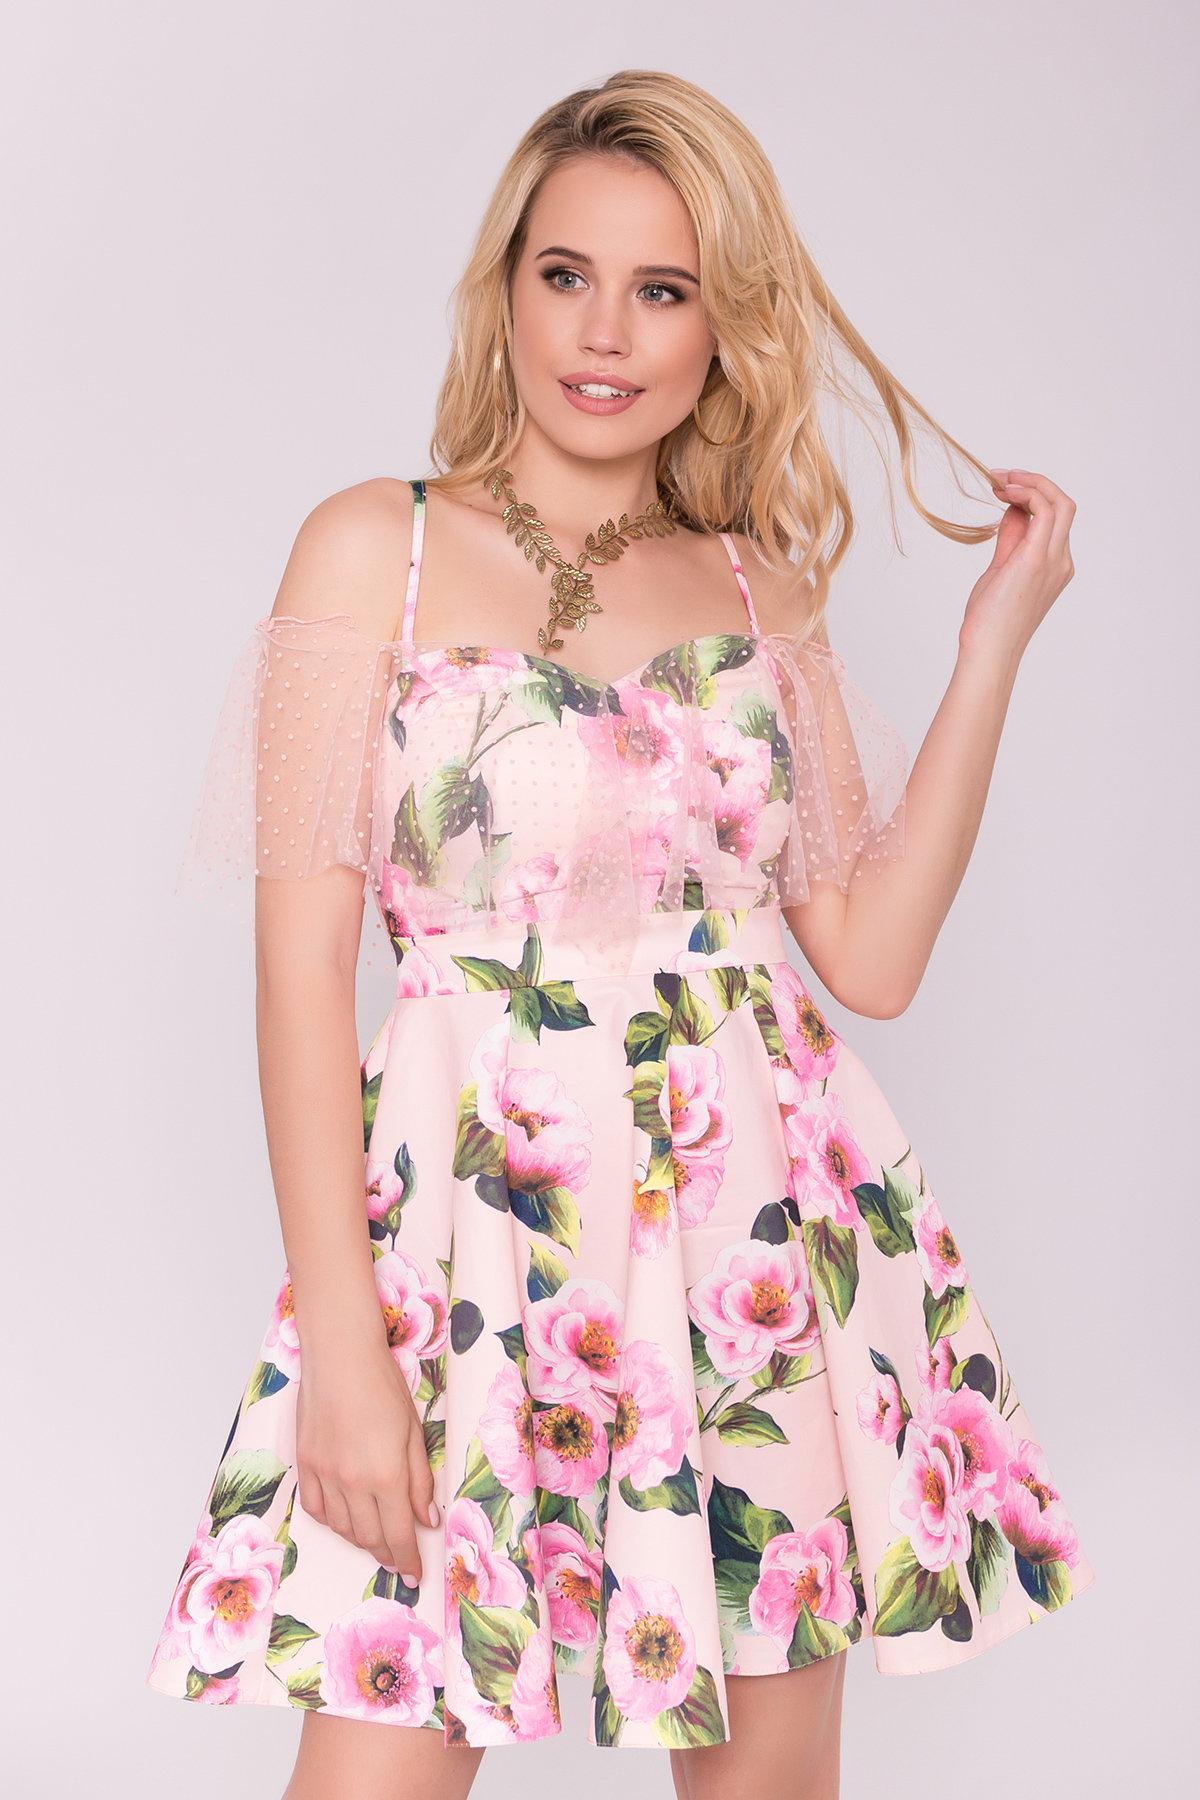 Тори платье из коттона с принтом 7189 АРТ. 42777 Цвет: Цветы пудра/розовый - фото 3, интернет магазин tm-modus.ru